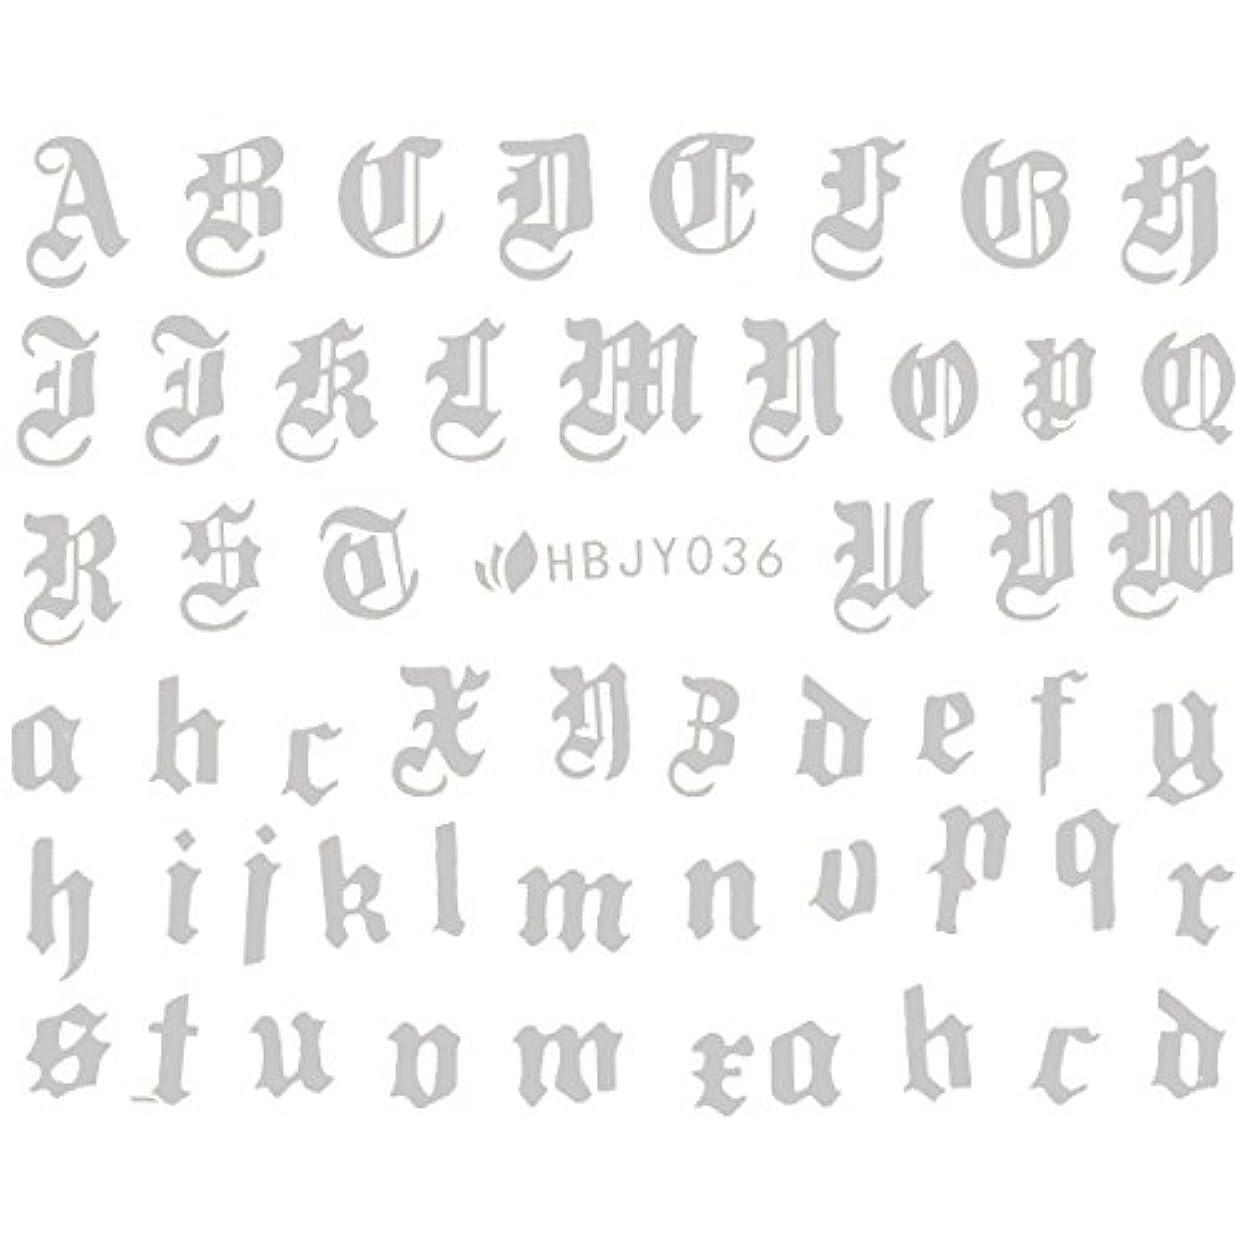 しつけ階段コンピューターネイルシール アルファベット 文字 ブラック/ホワイト/ゴールド/シルバー 選べる80種 (シルバーSP, 09)